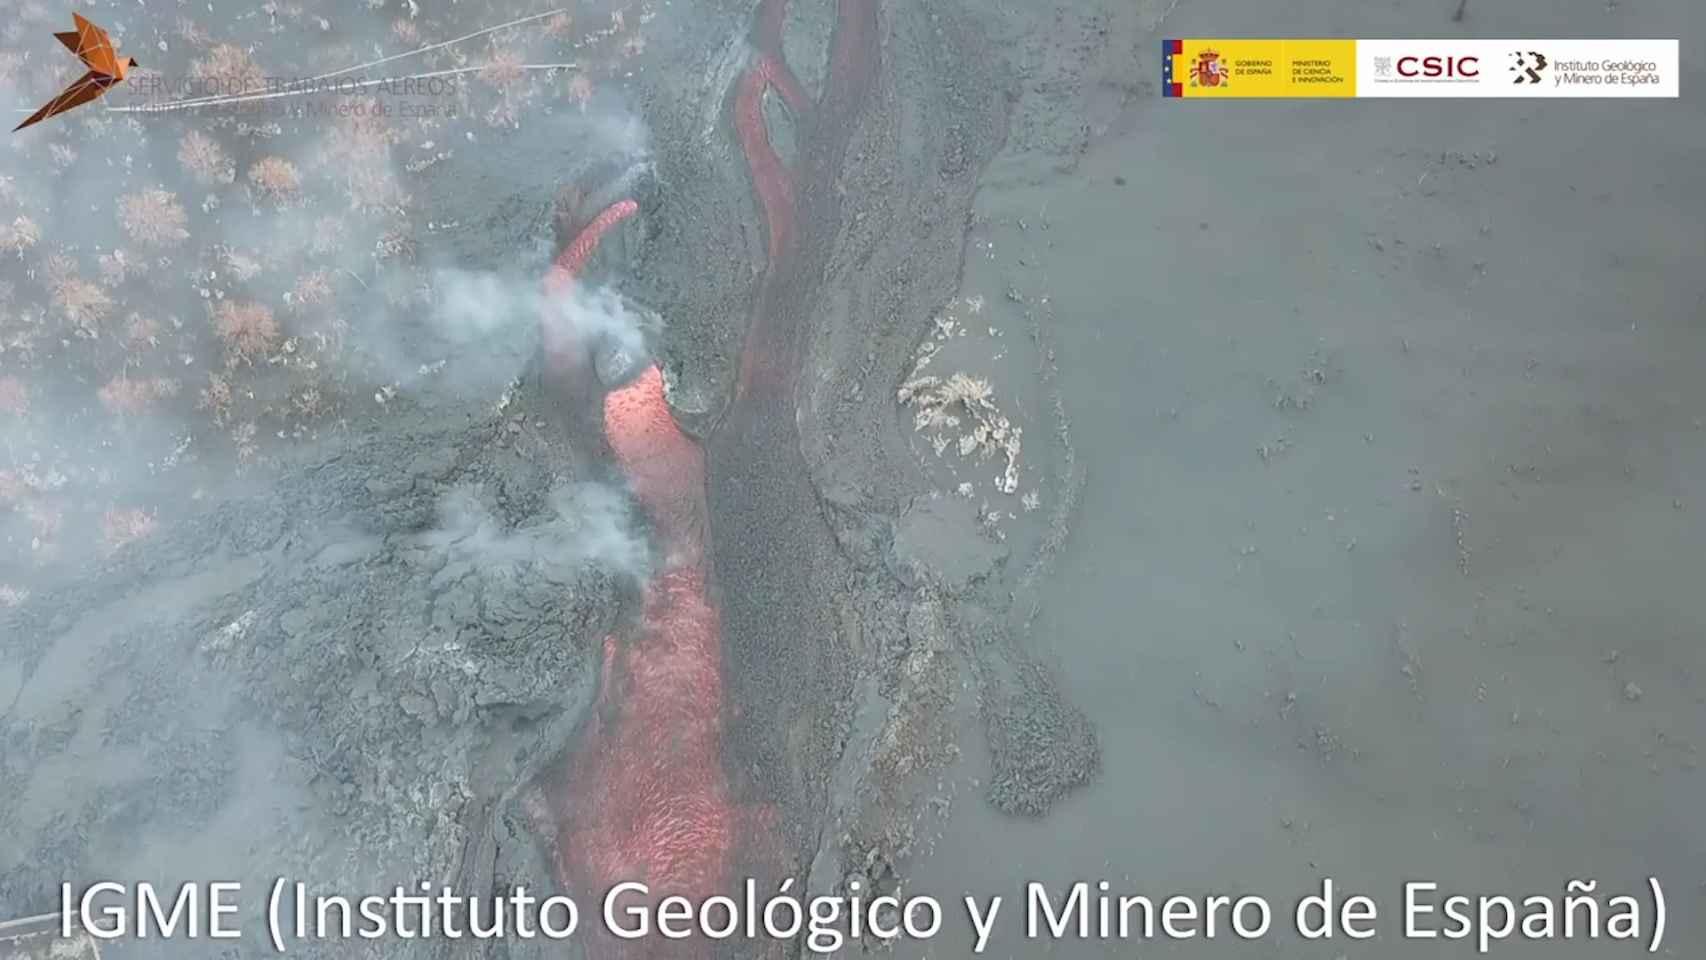 Erupción Cumbre Vieja La Palma (21/9/21)